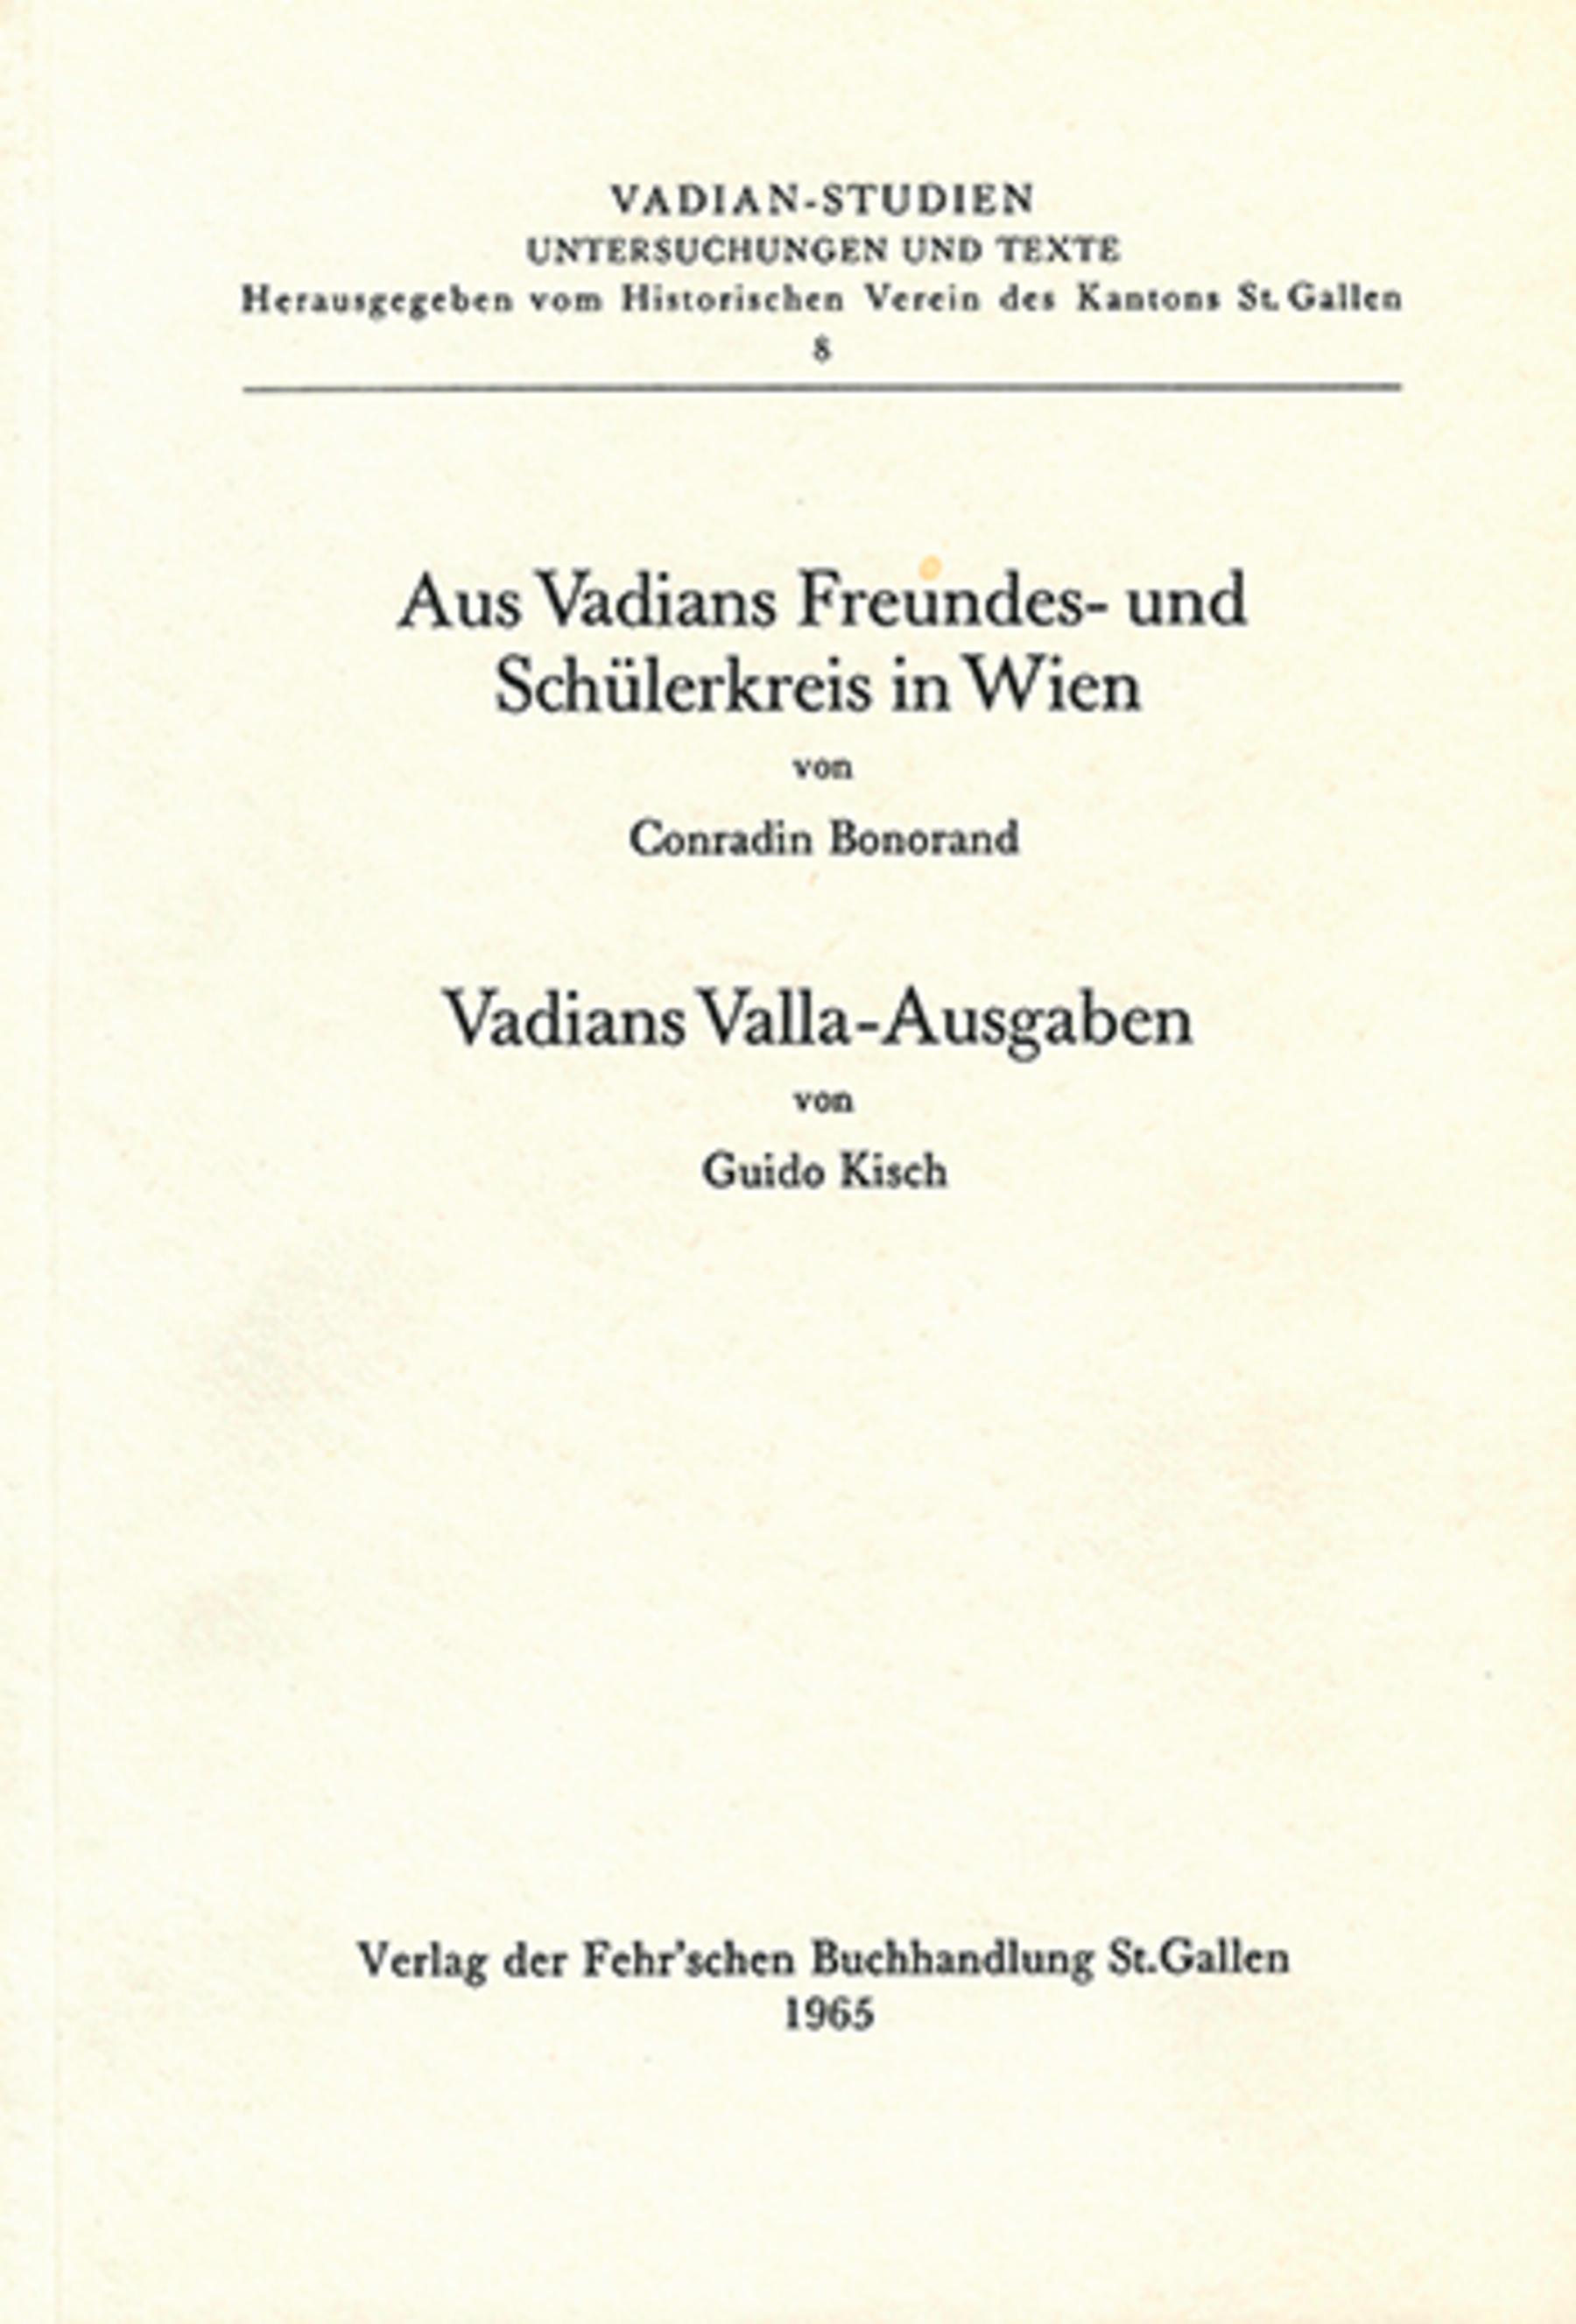 Aus Vadians Freundes- und Schülerkreis in Wien <p><p>Vadians Valla-Ausgaben